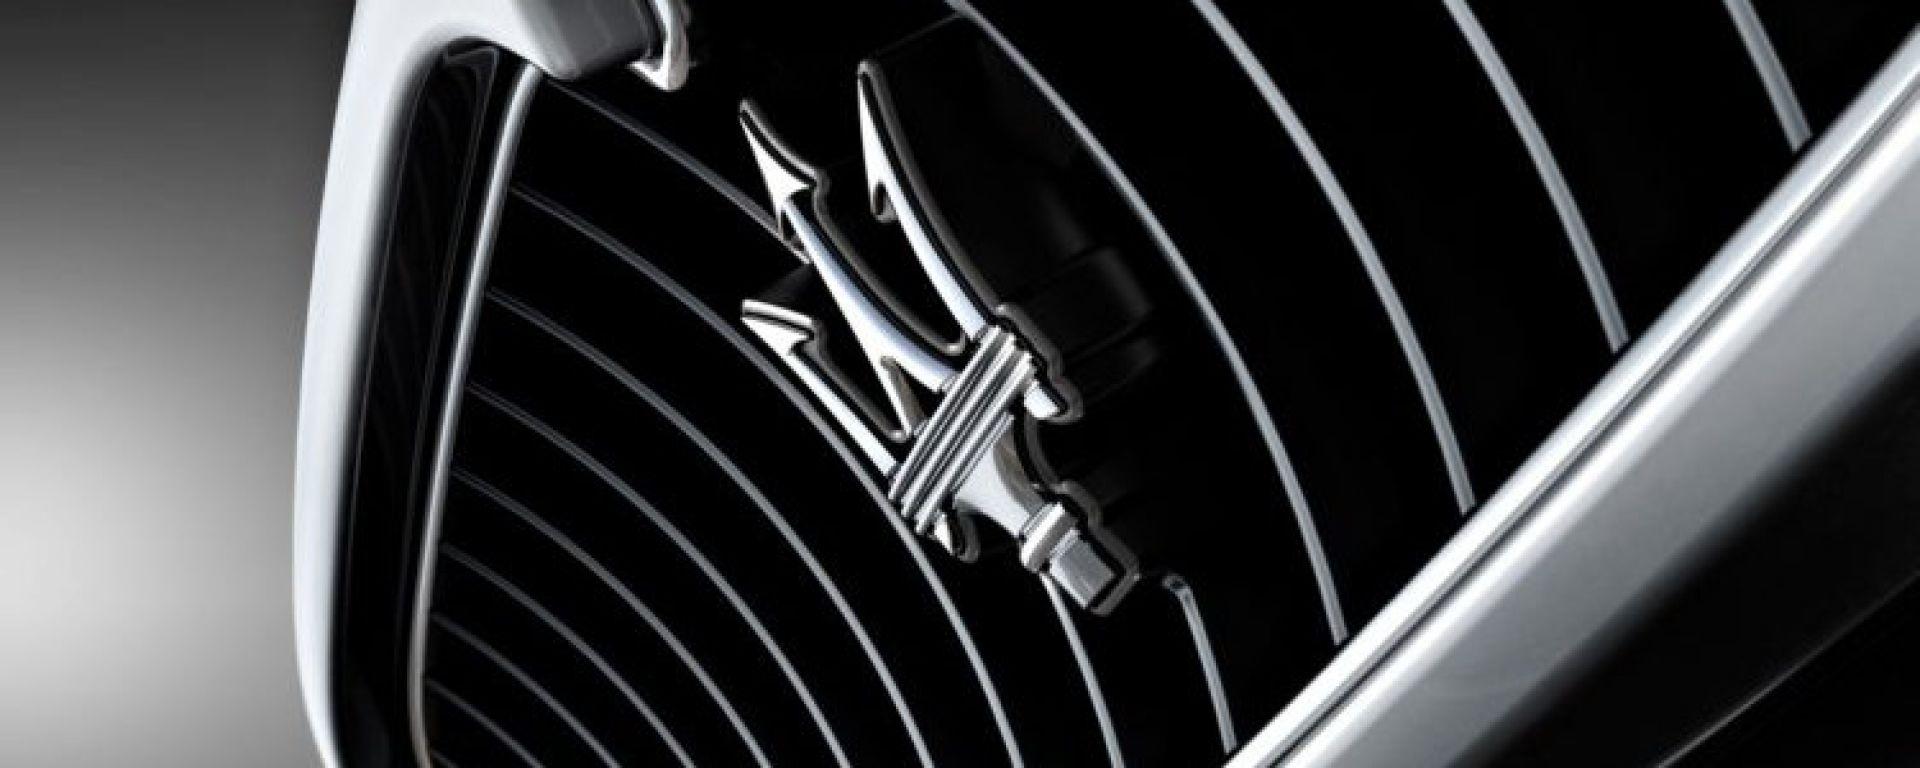 Futuro Maserati: 800 milioni per elettriche e guida autonoma